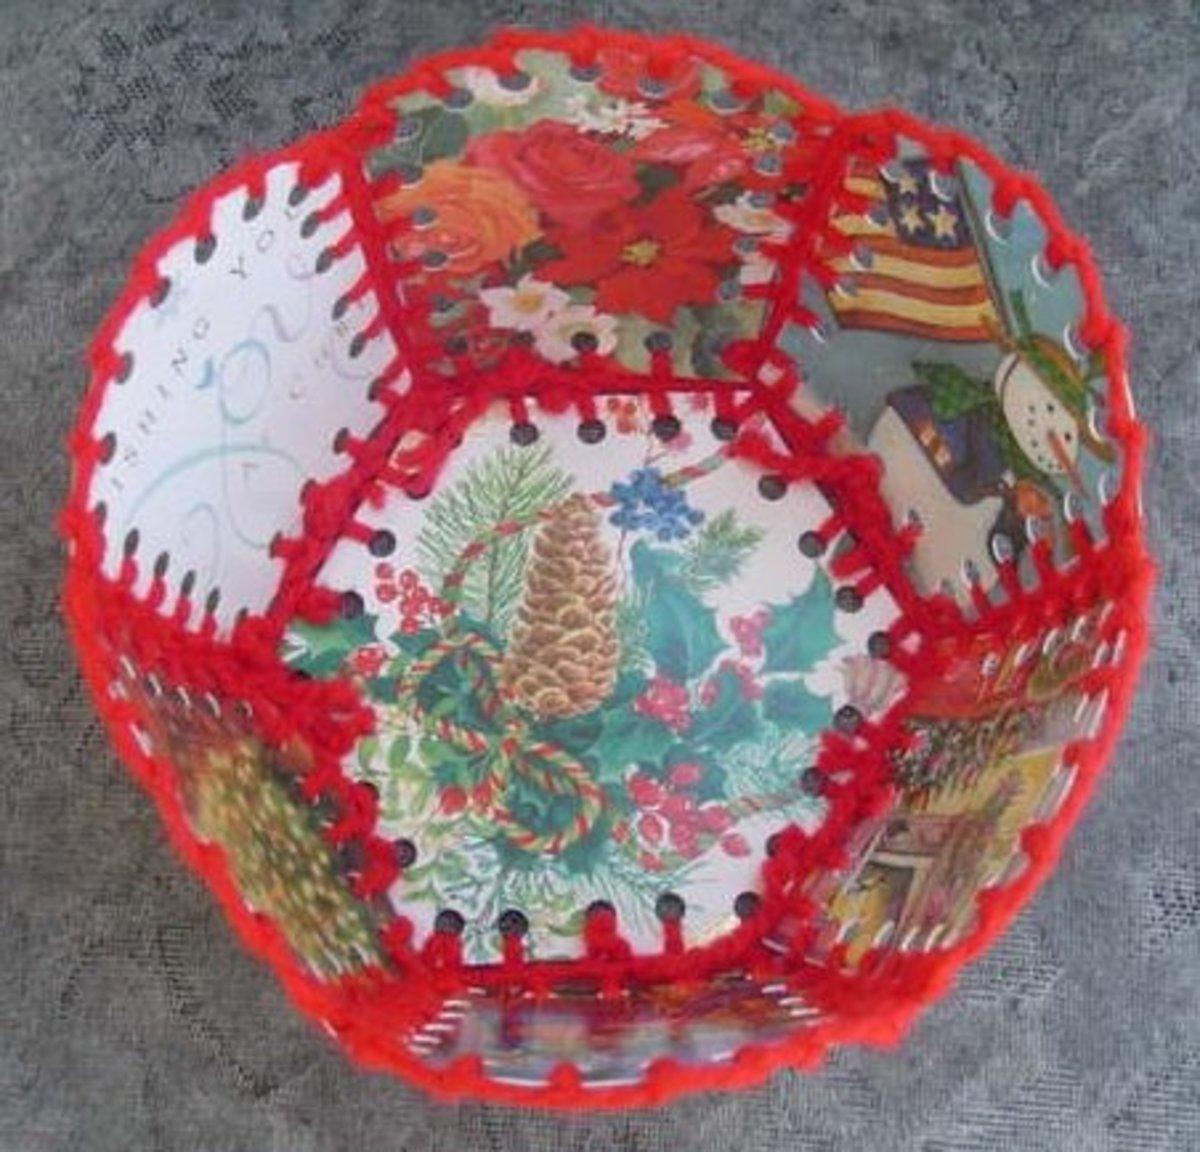 Bottom of Christmas basket